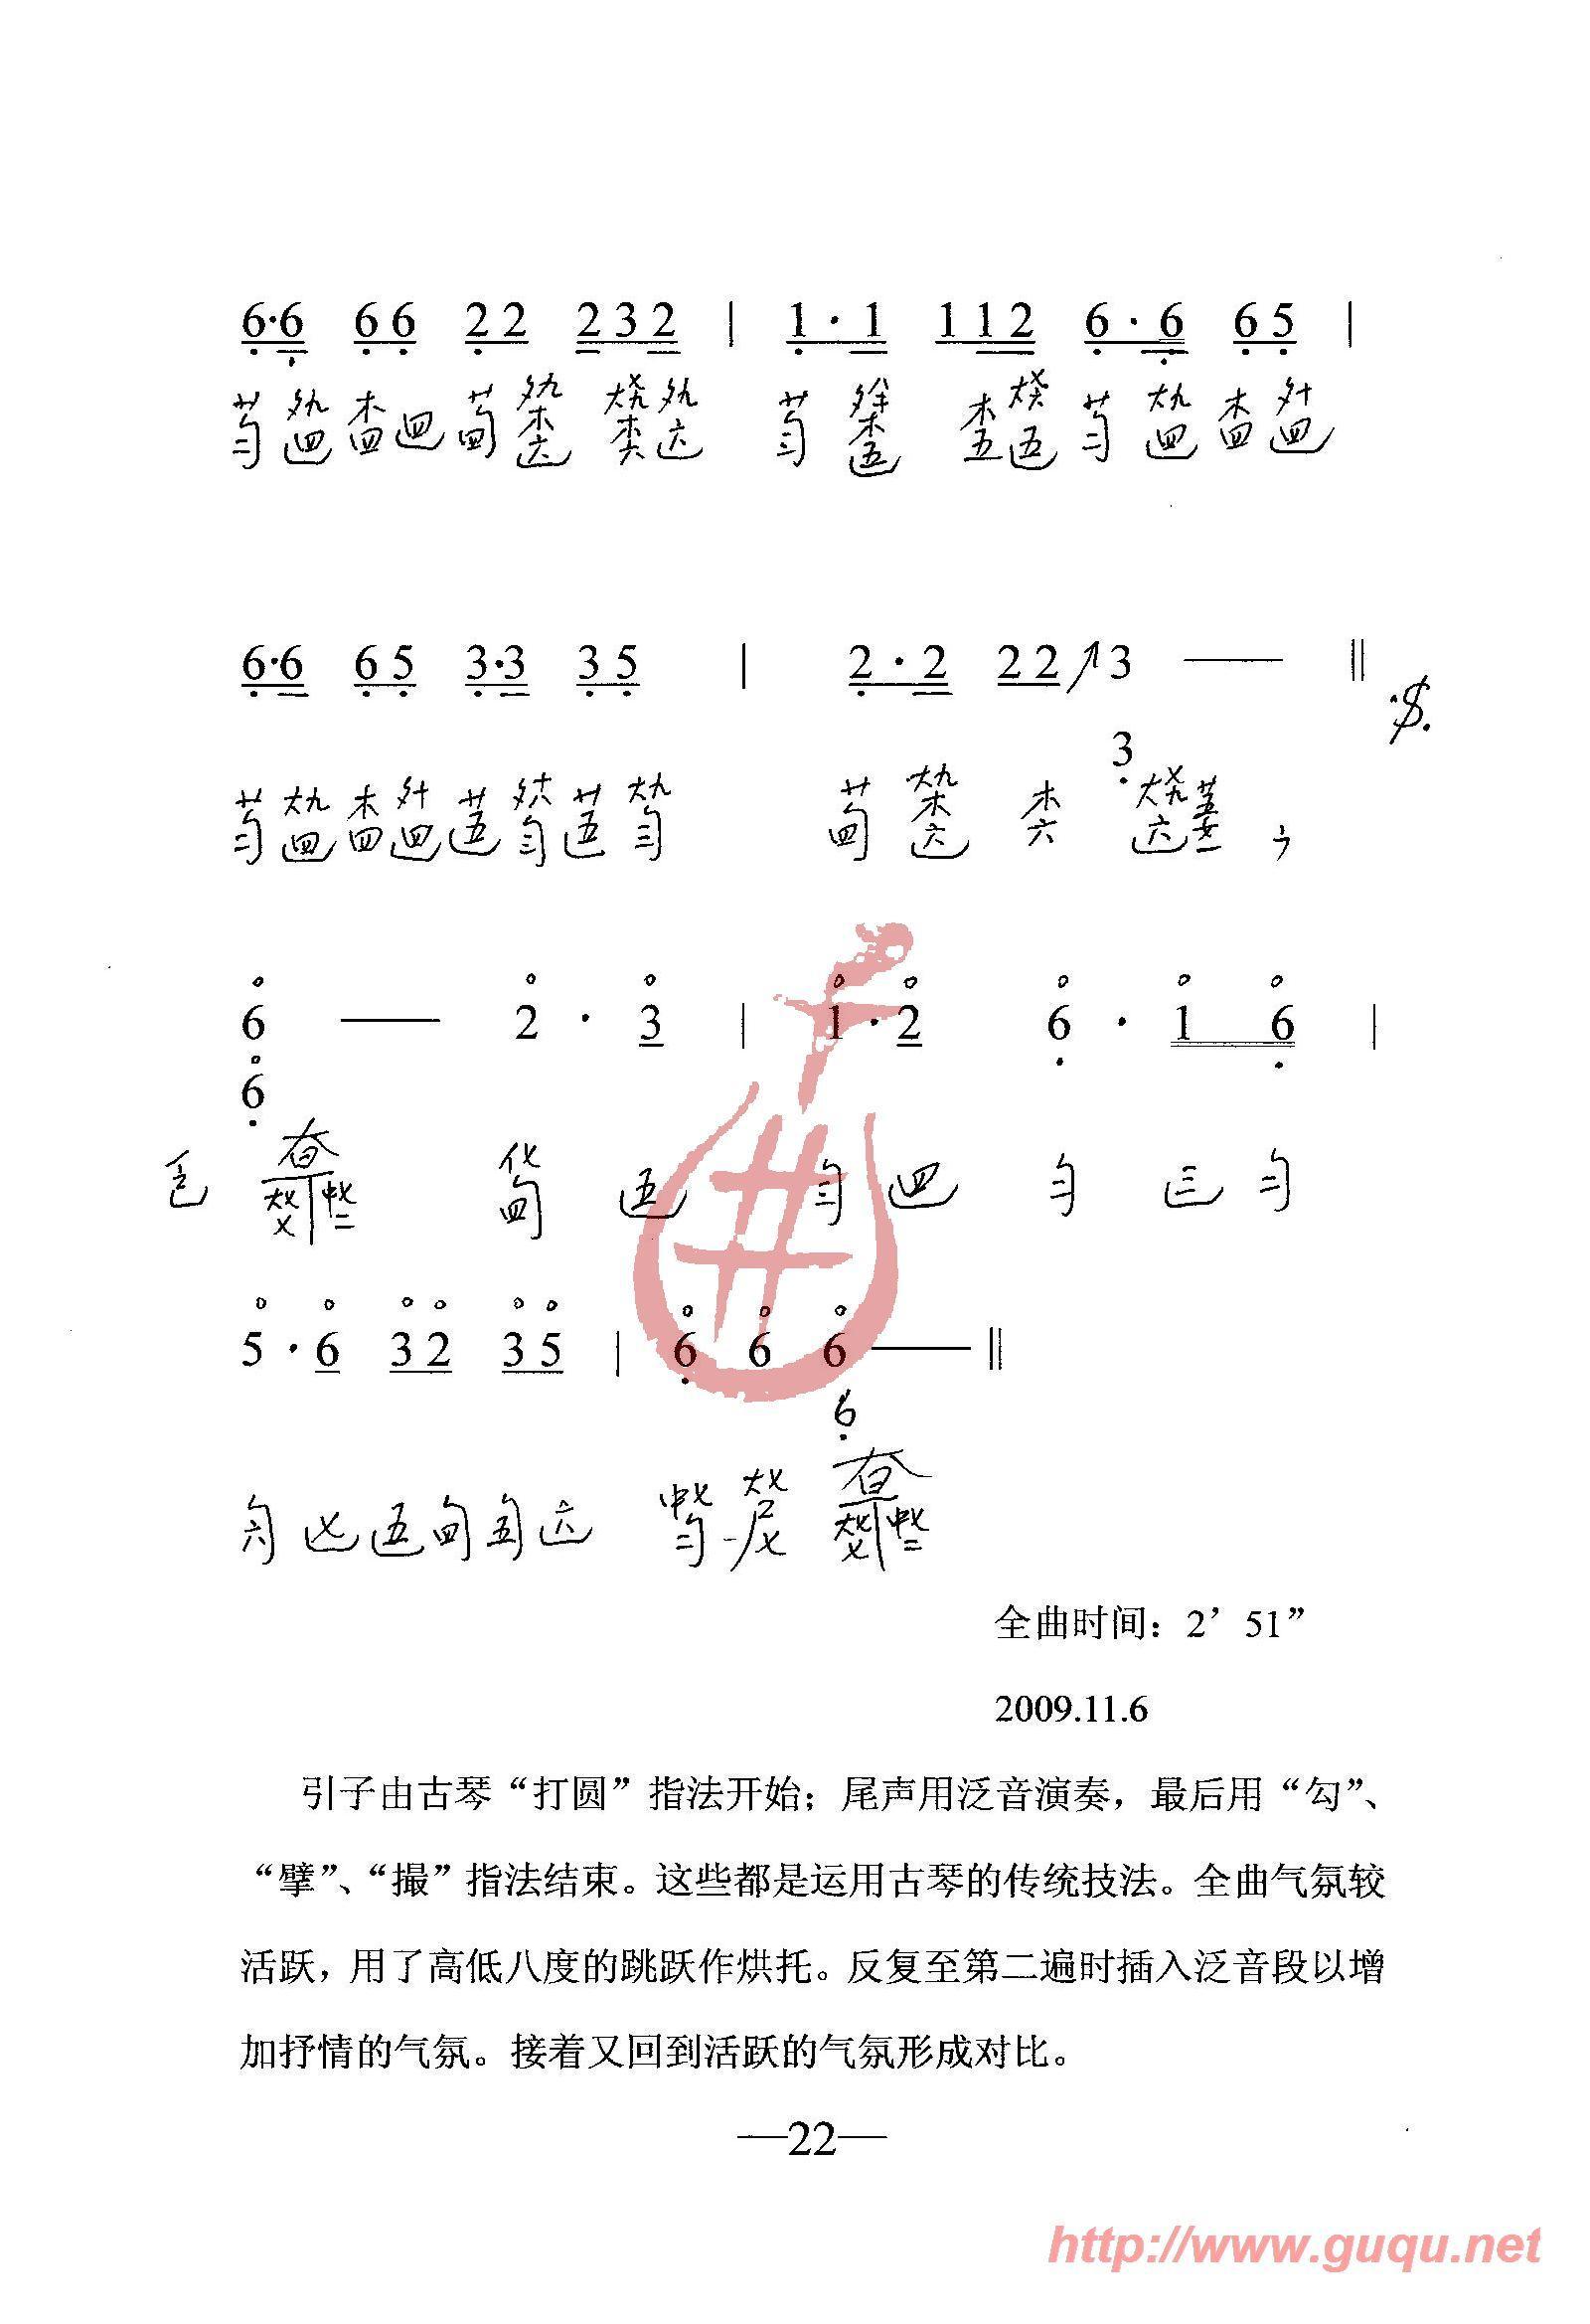 笑傲江湖(吕颂贤版)曲谱